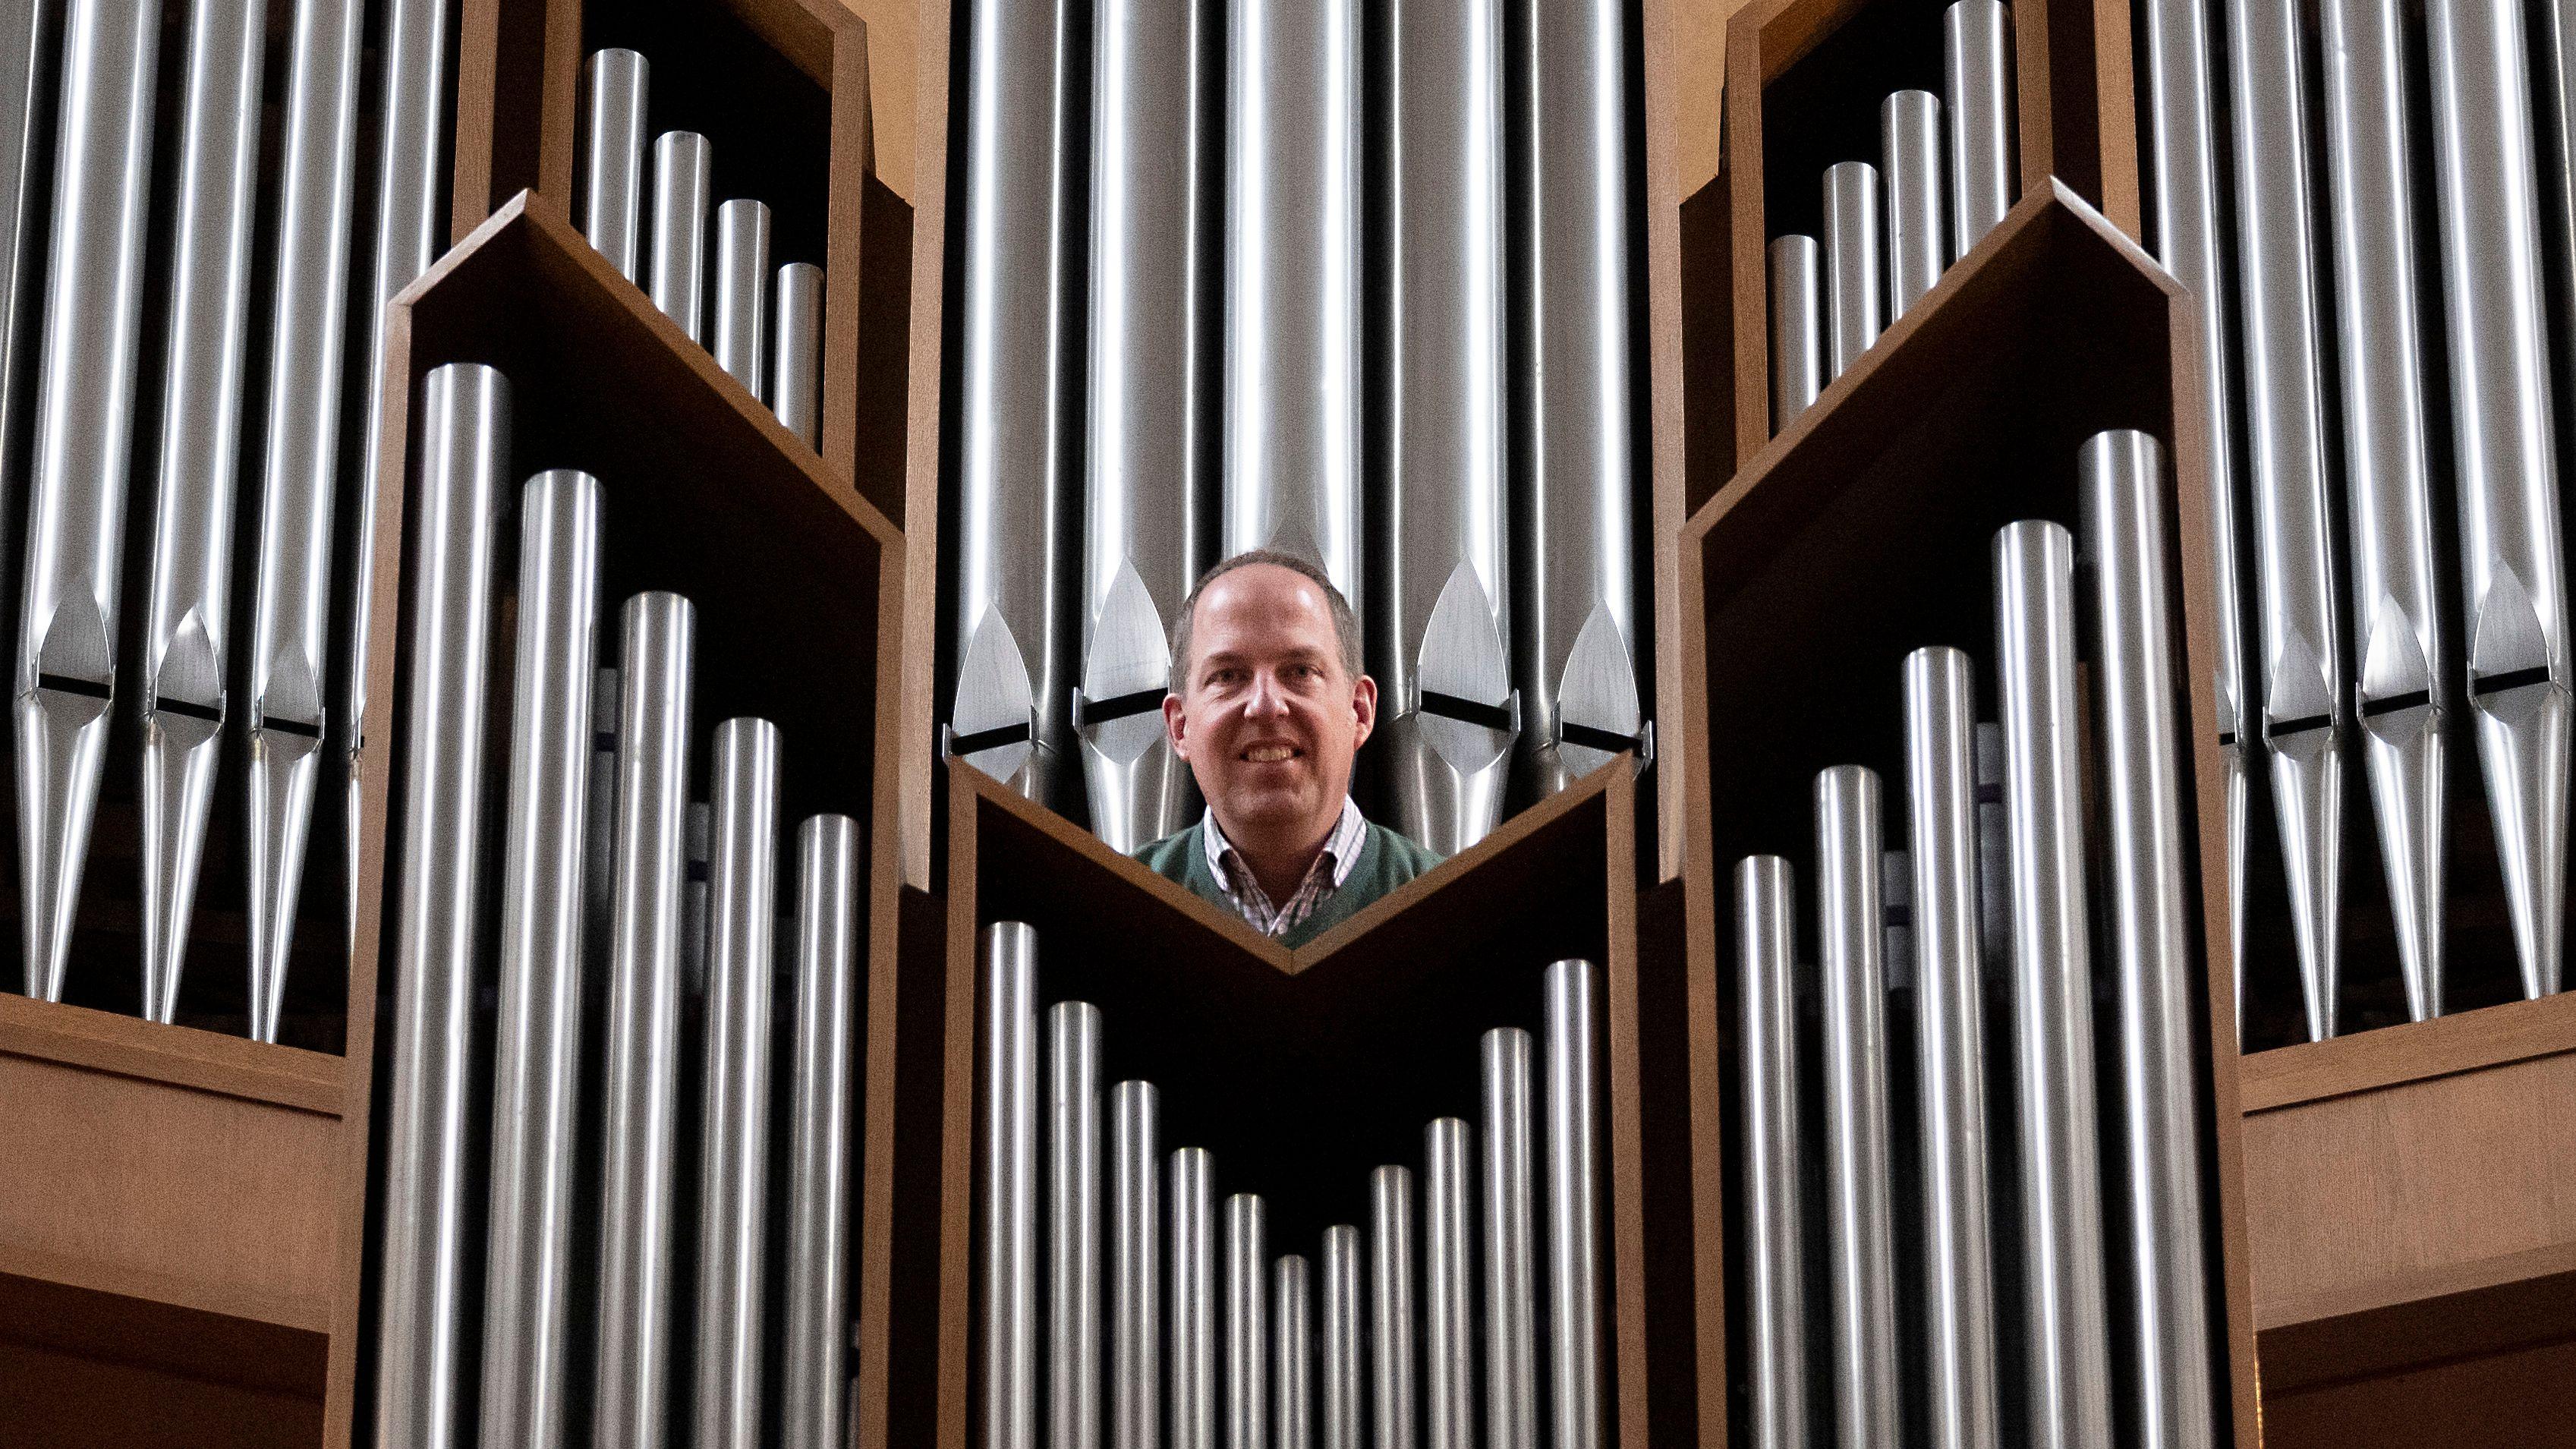 In seinem Element: Thorsten Meyer hat schon als Teenager an der Orgel gesessen. Foto: Thomas Vorwerk